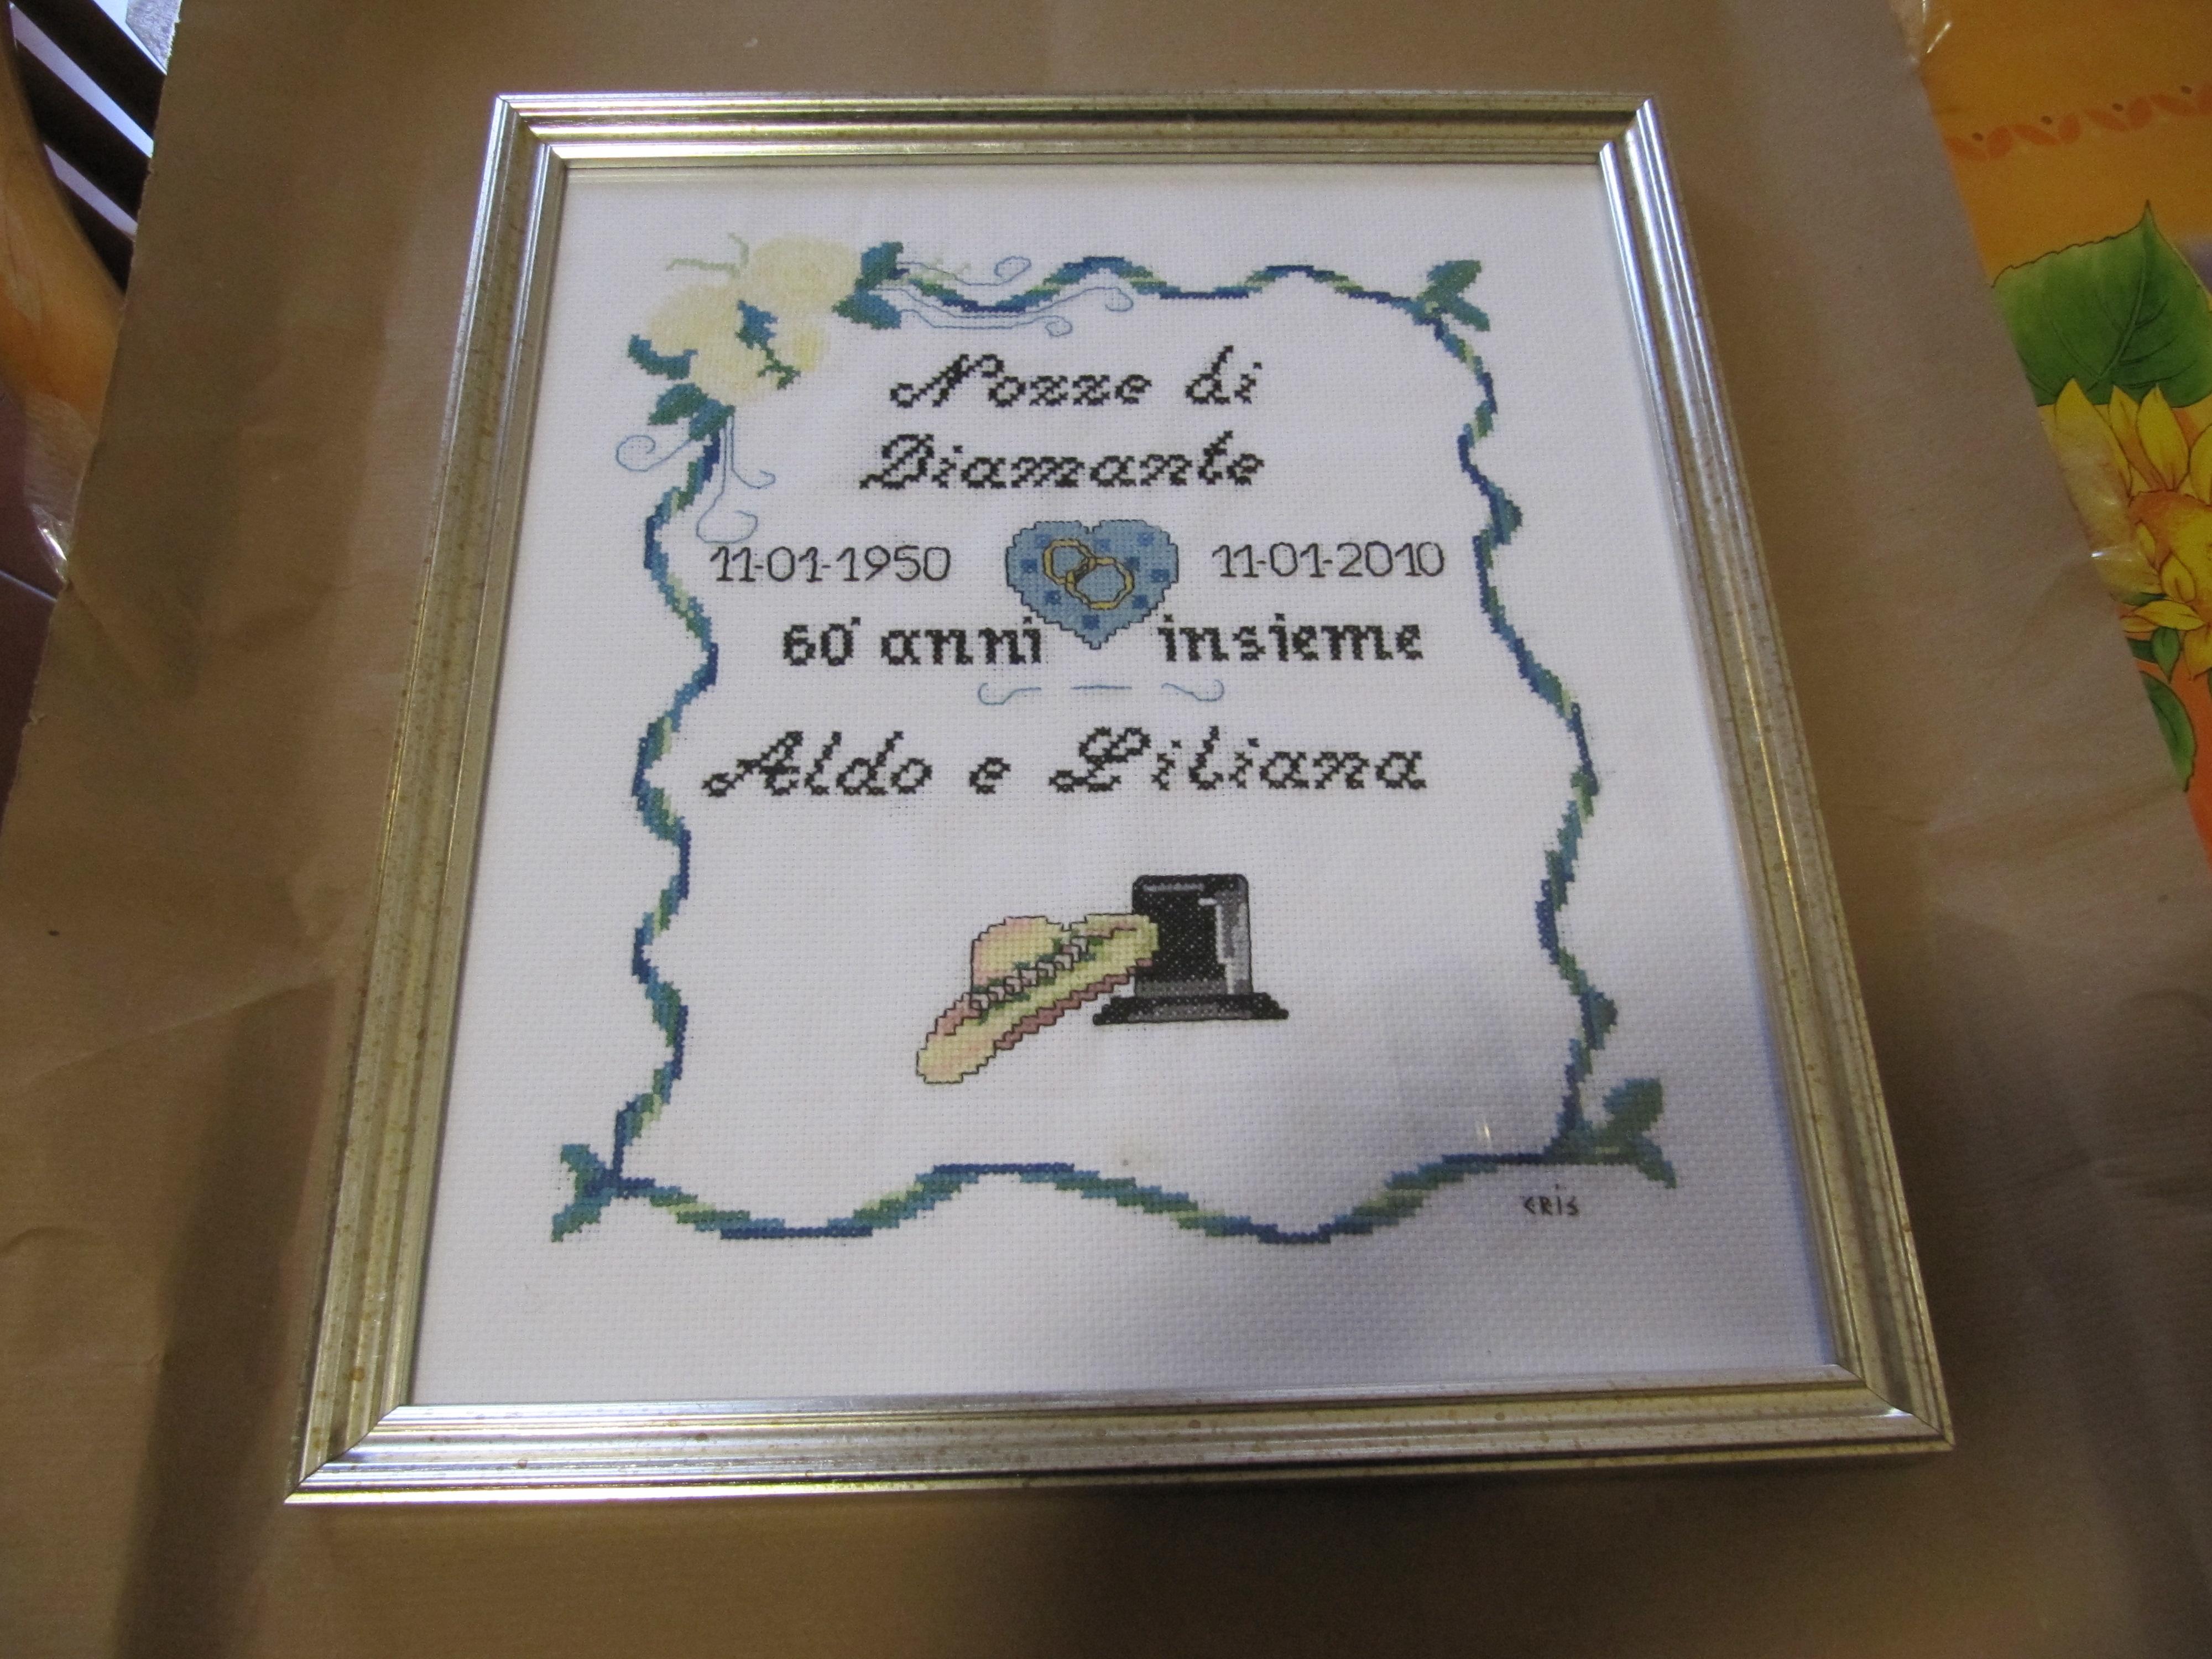 Decorazioni matrimonio anni 20 migliore collezione for Decorazioni 50 anni di matrimonio